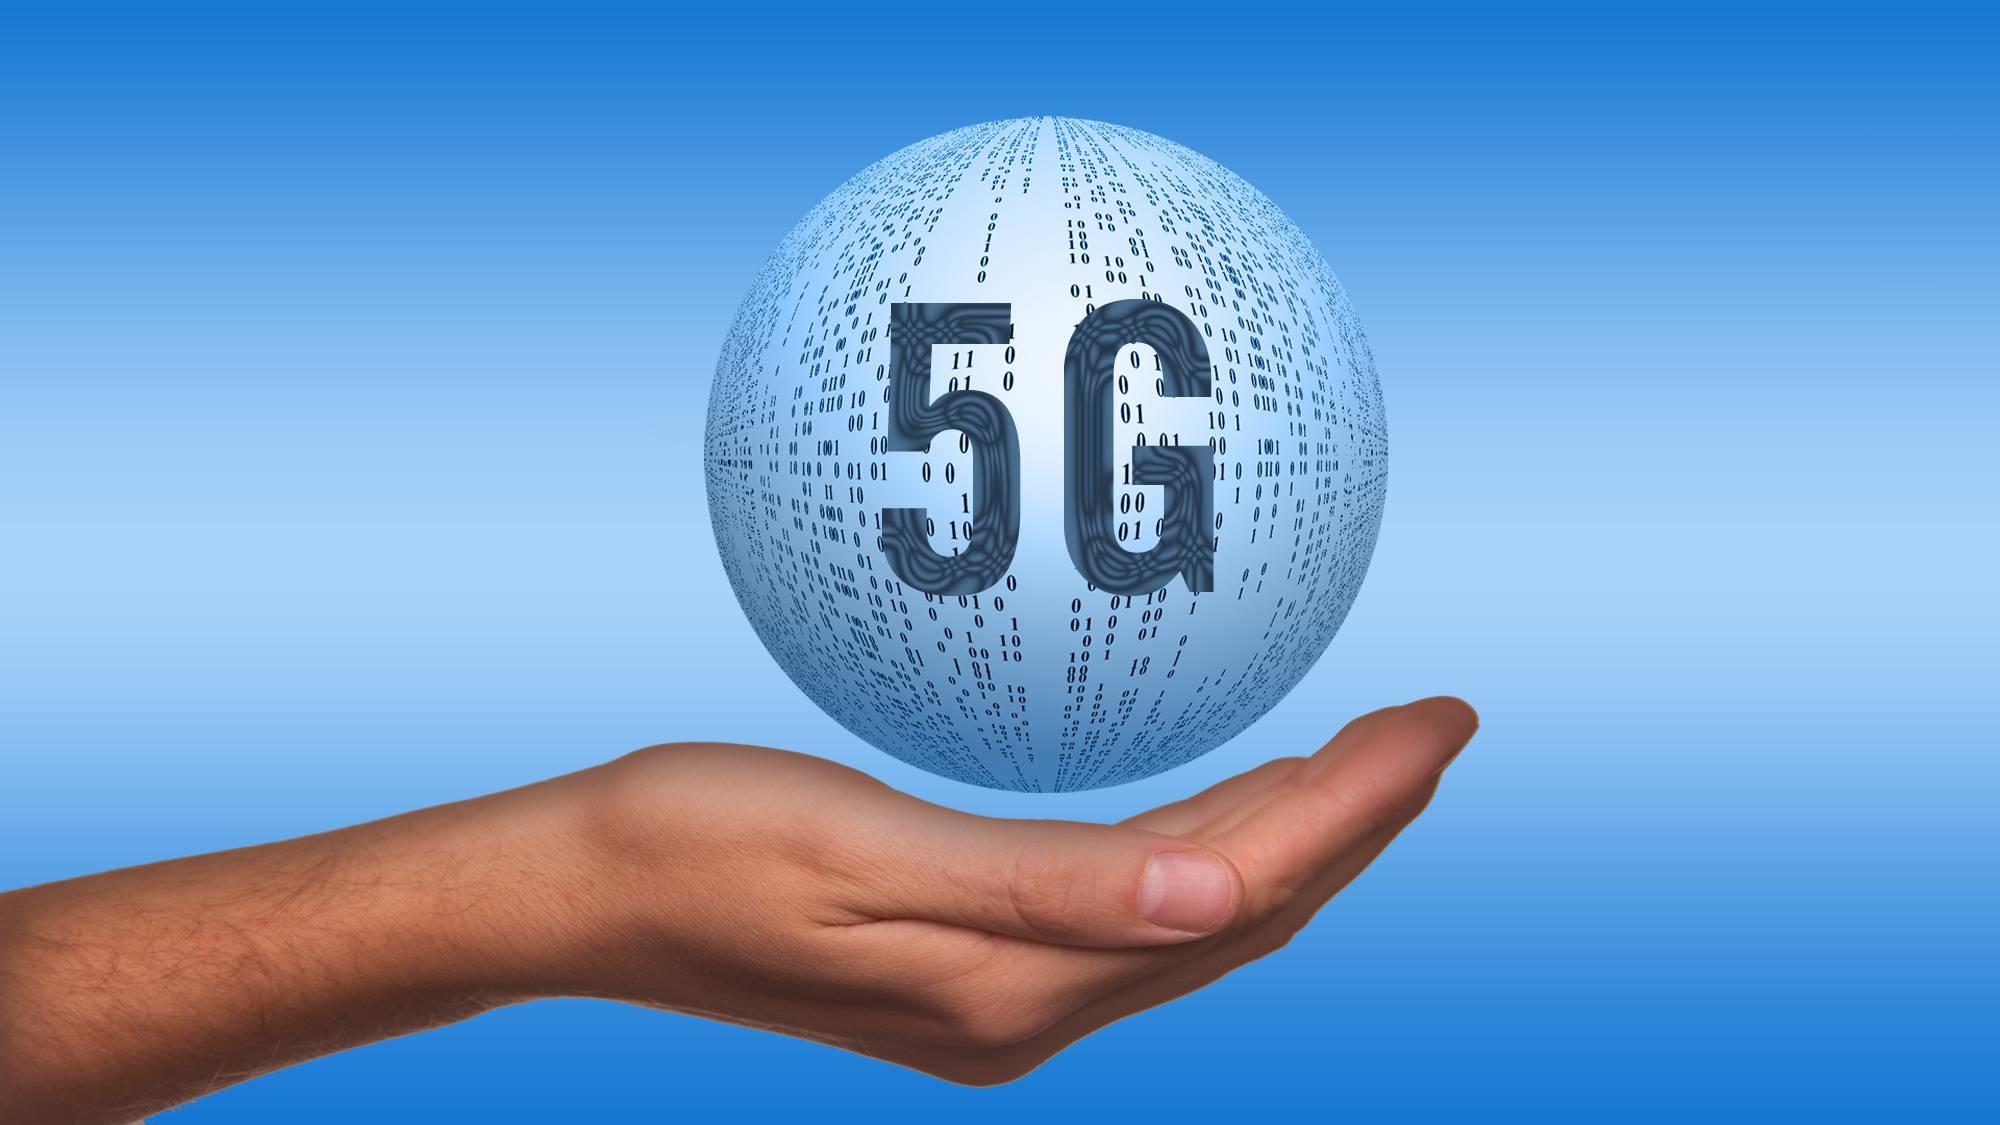 明年将启动5G外场实验 为5G商用做准备